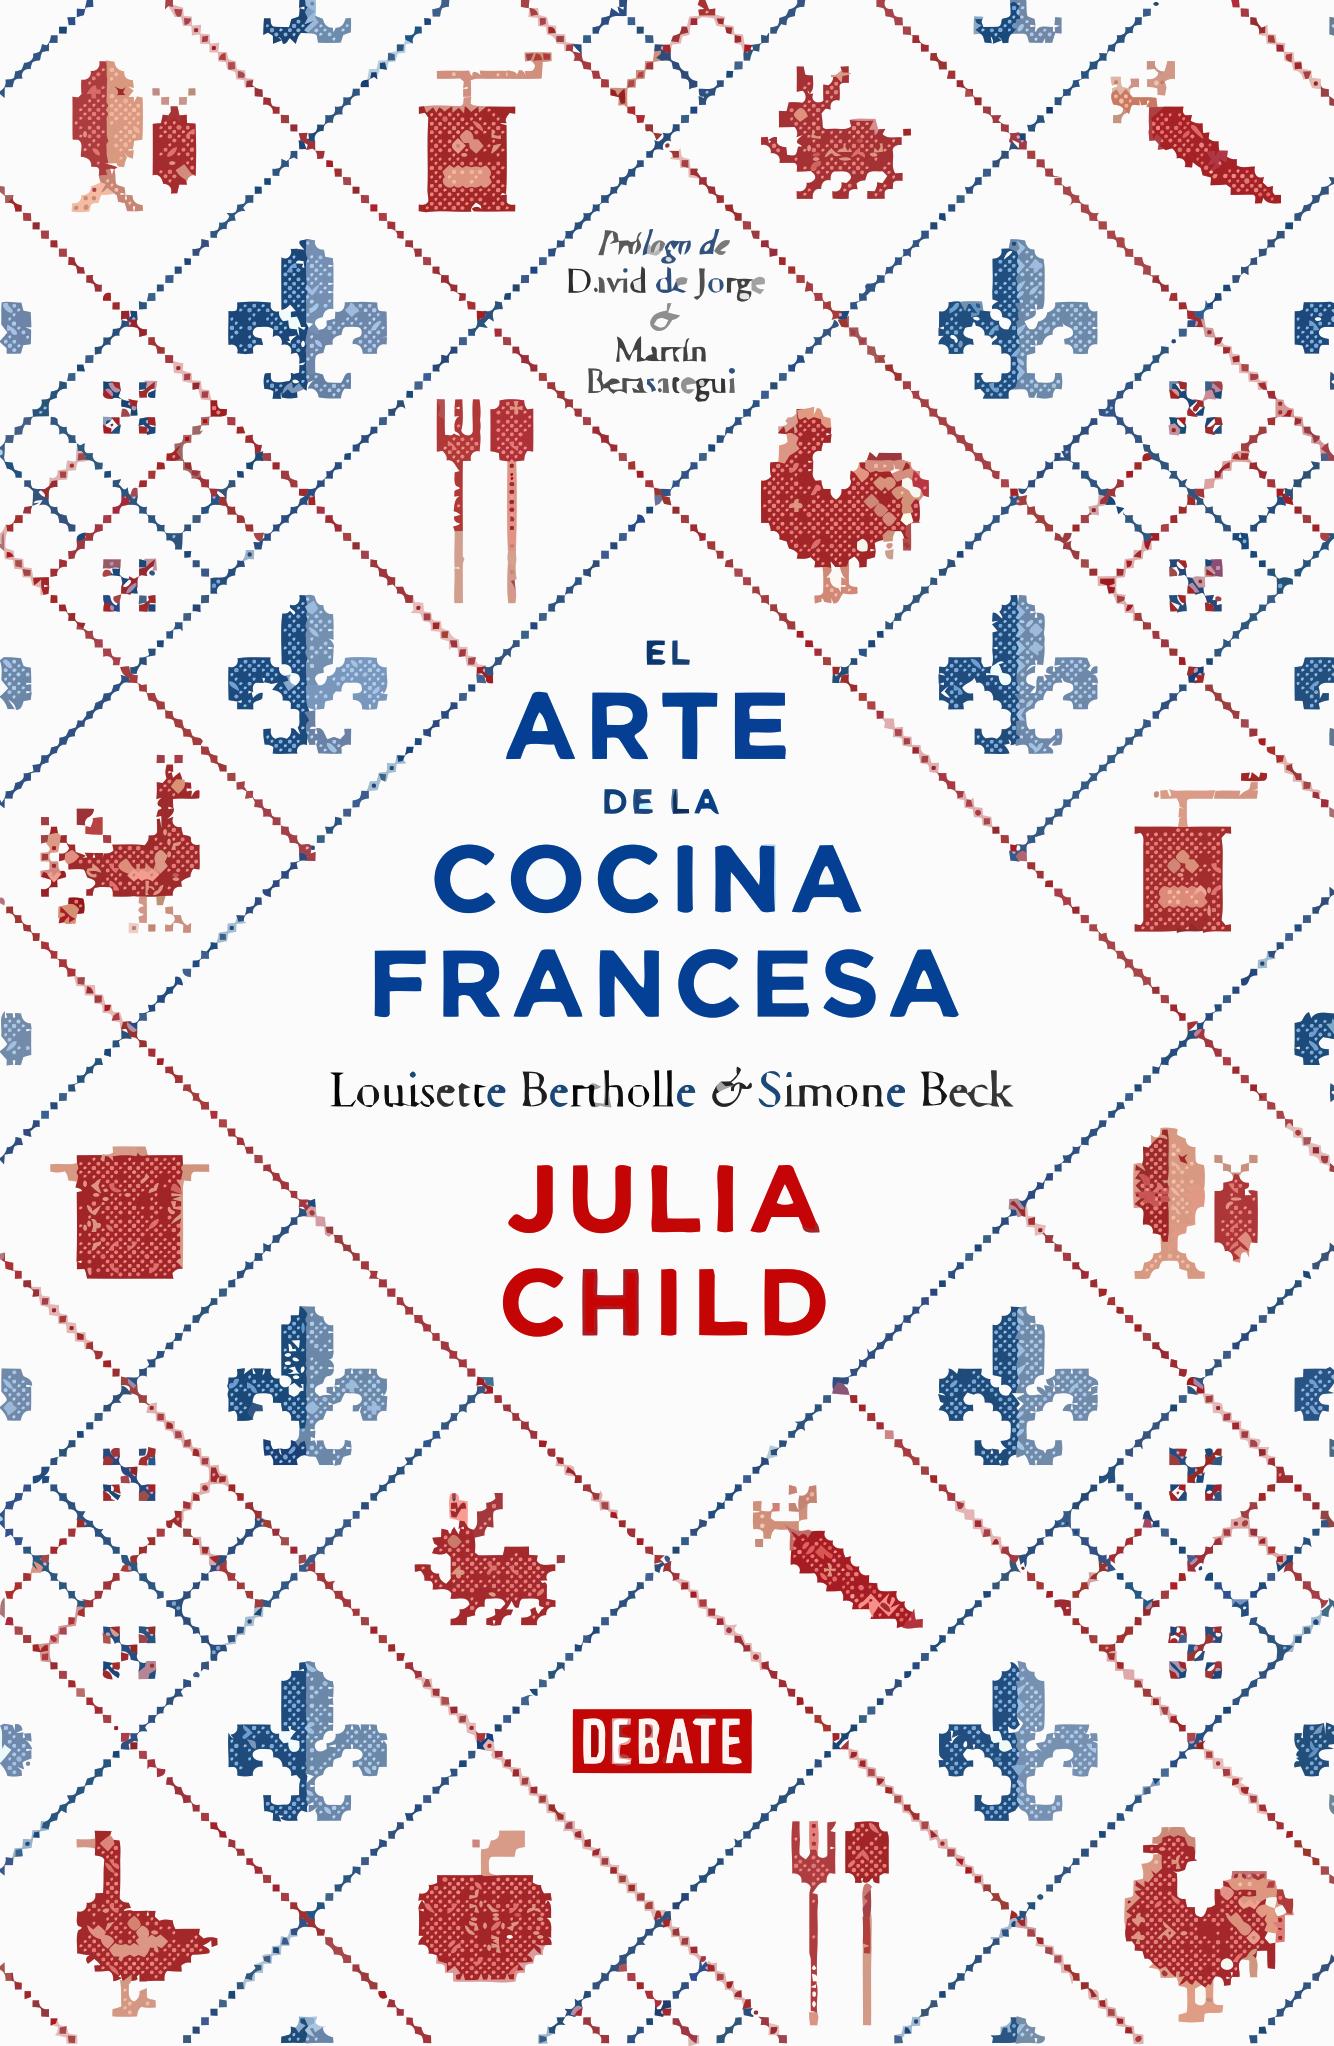 El arte de la cocina francesa recetas de julia child for Cocina francesa